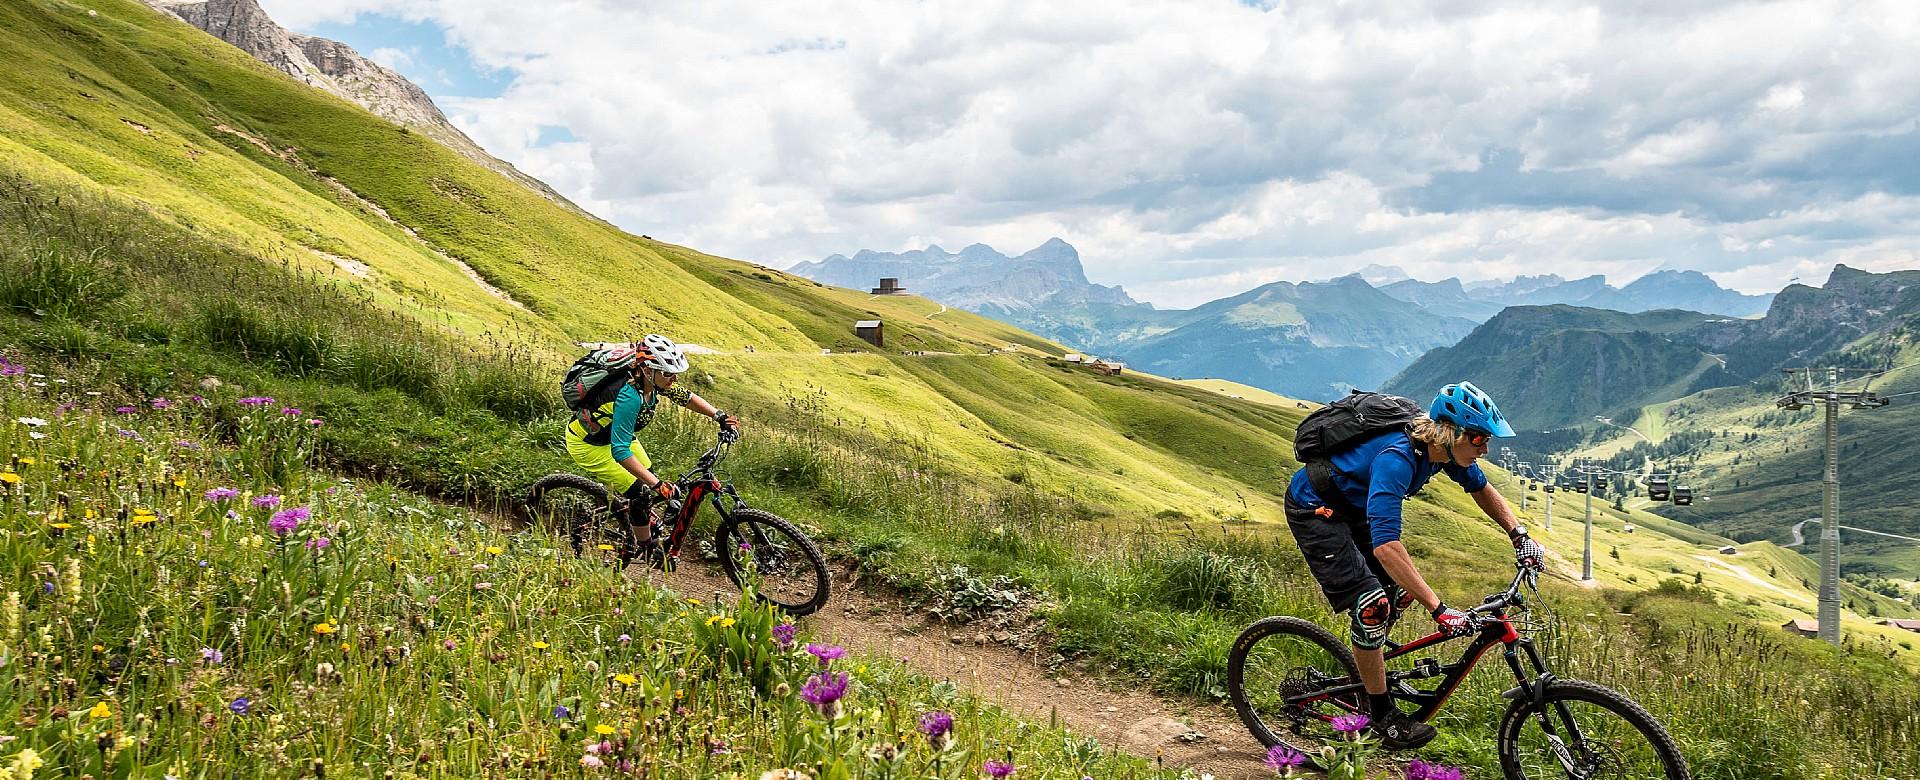 Aktivitäten in der Höhe | Val di Fassa Lift